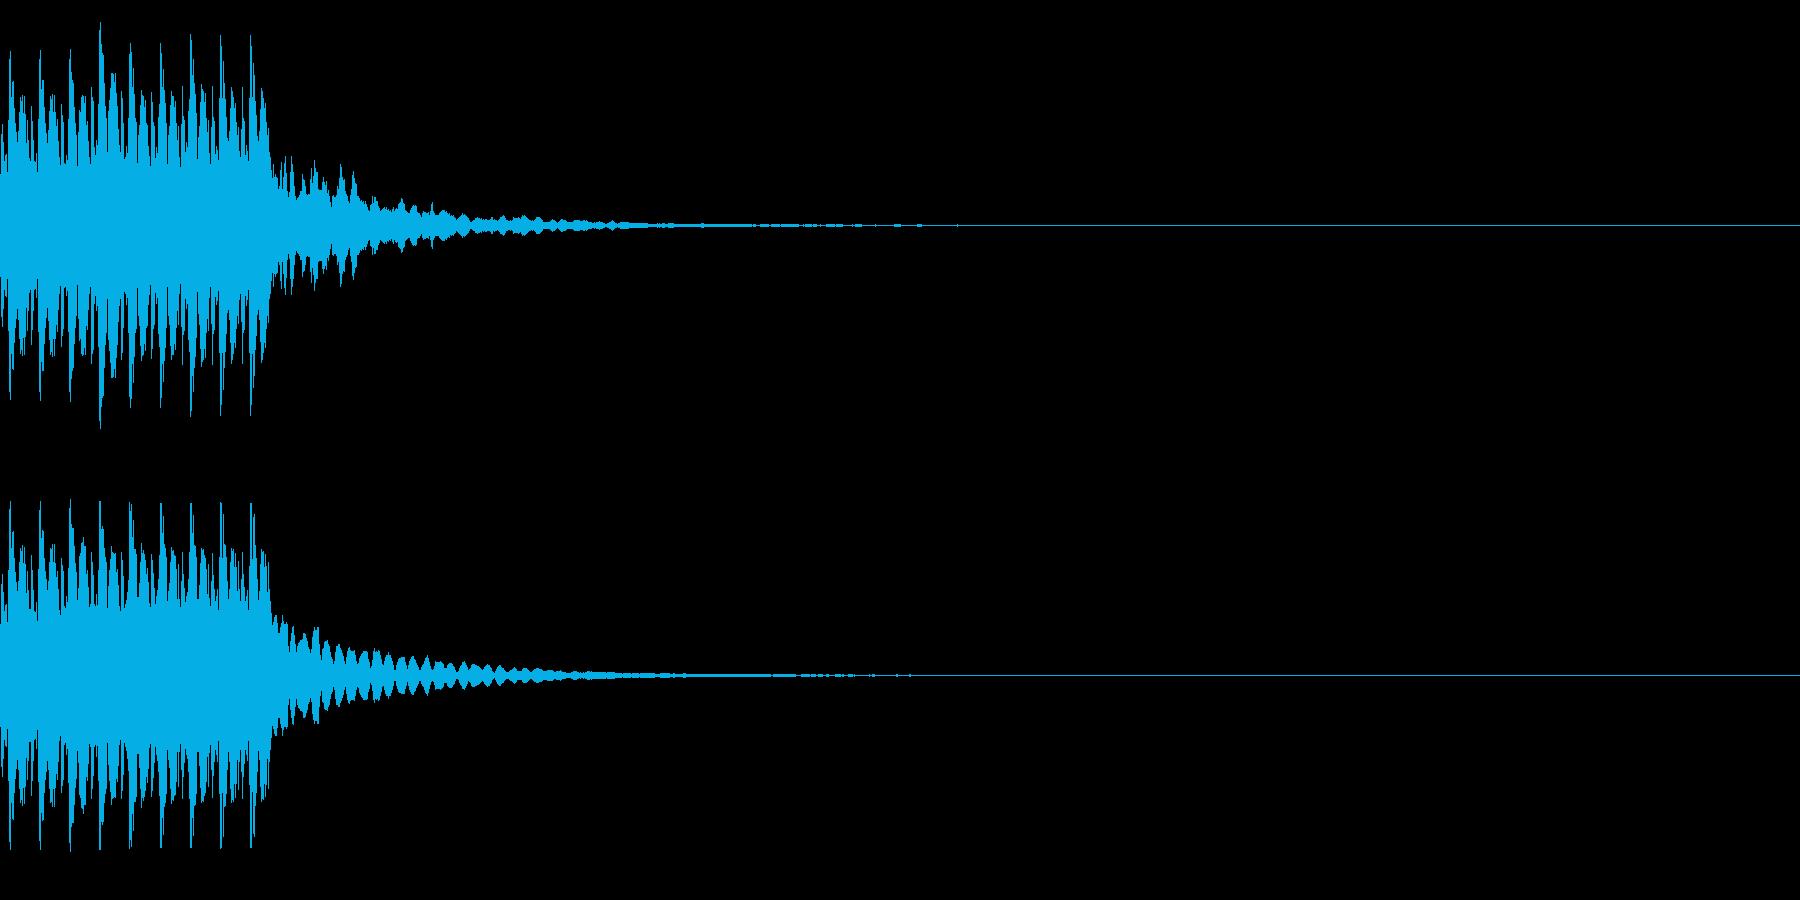 コイン9枚獲得 ゲット チャリンの再生済みの波形